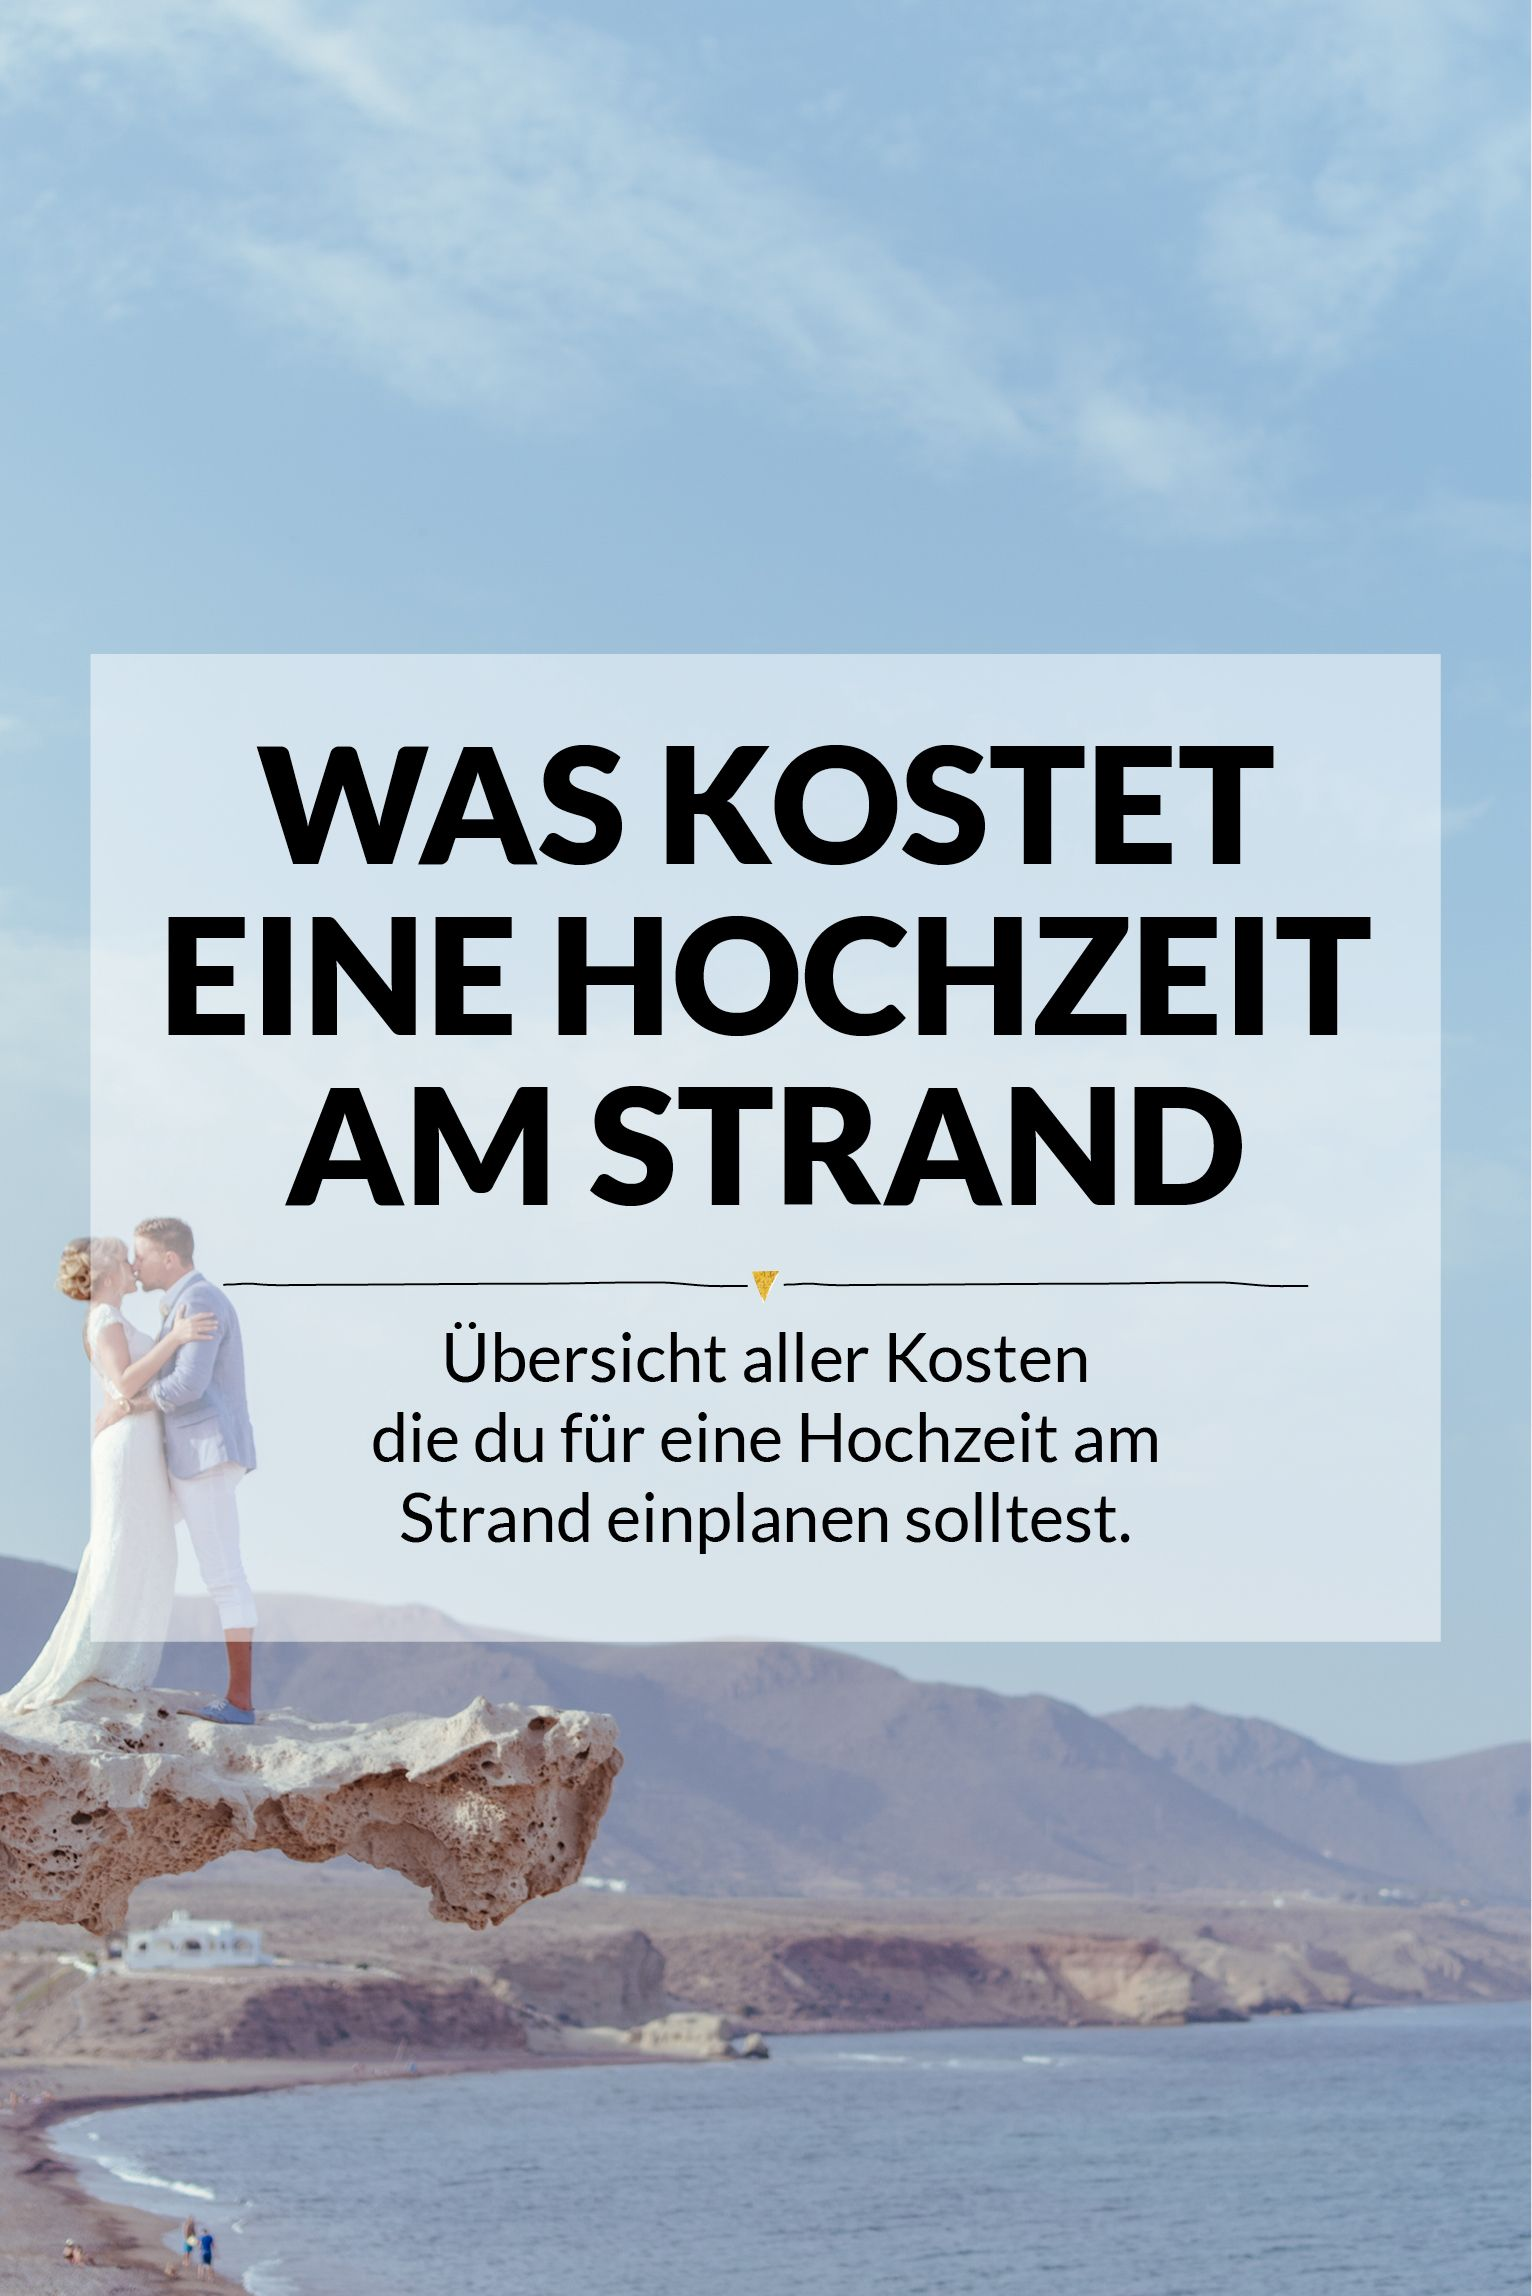 Hochzeit Am Strand Checkliste Kostenloser Download Wuste Desert